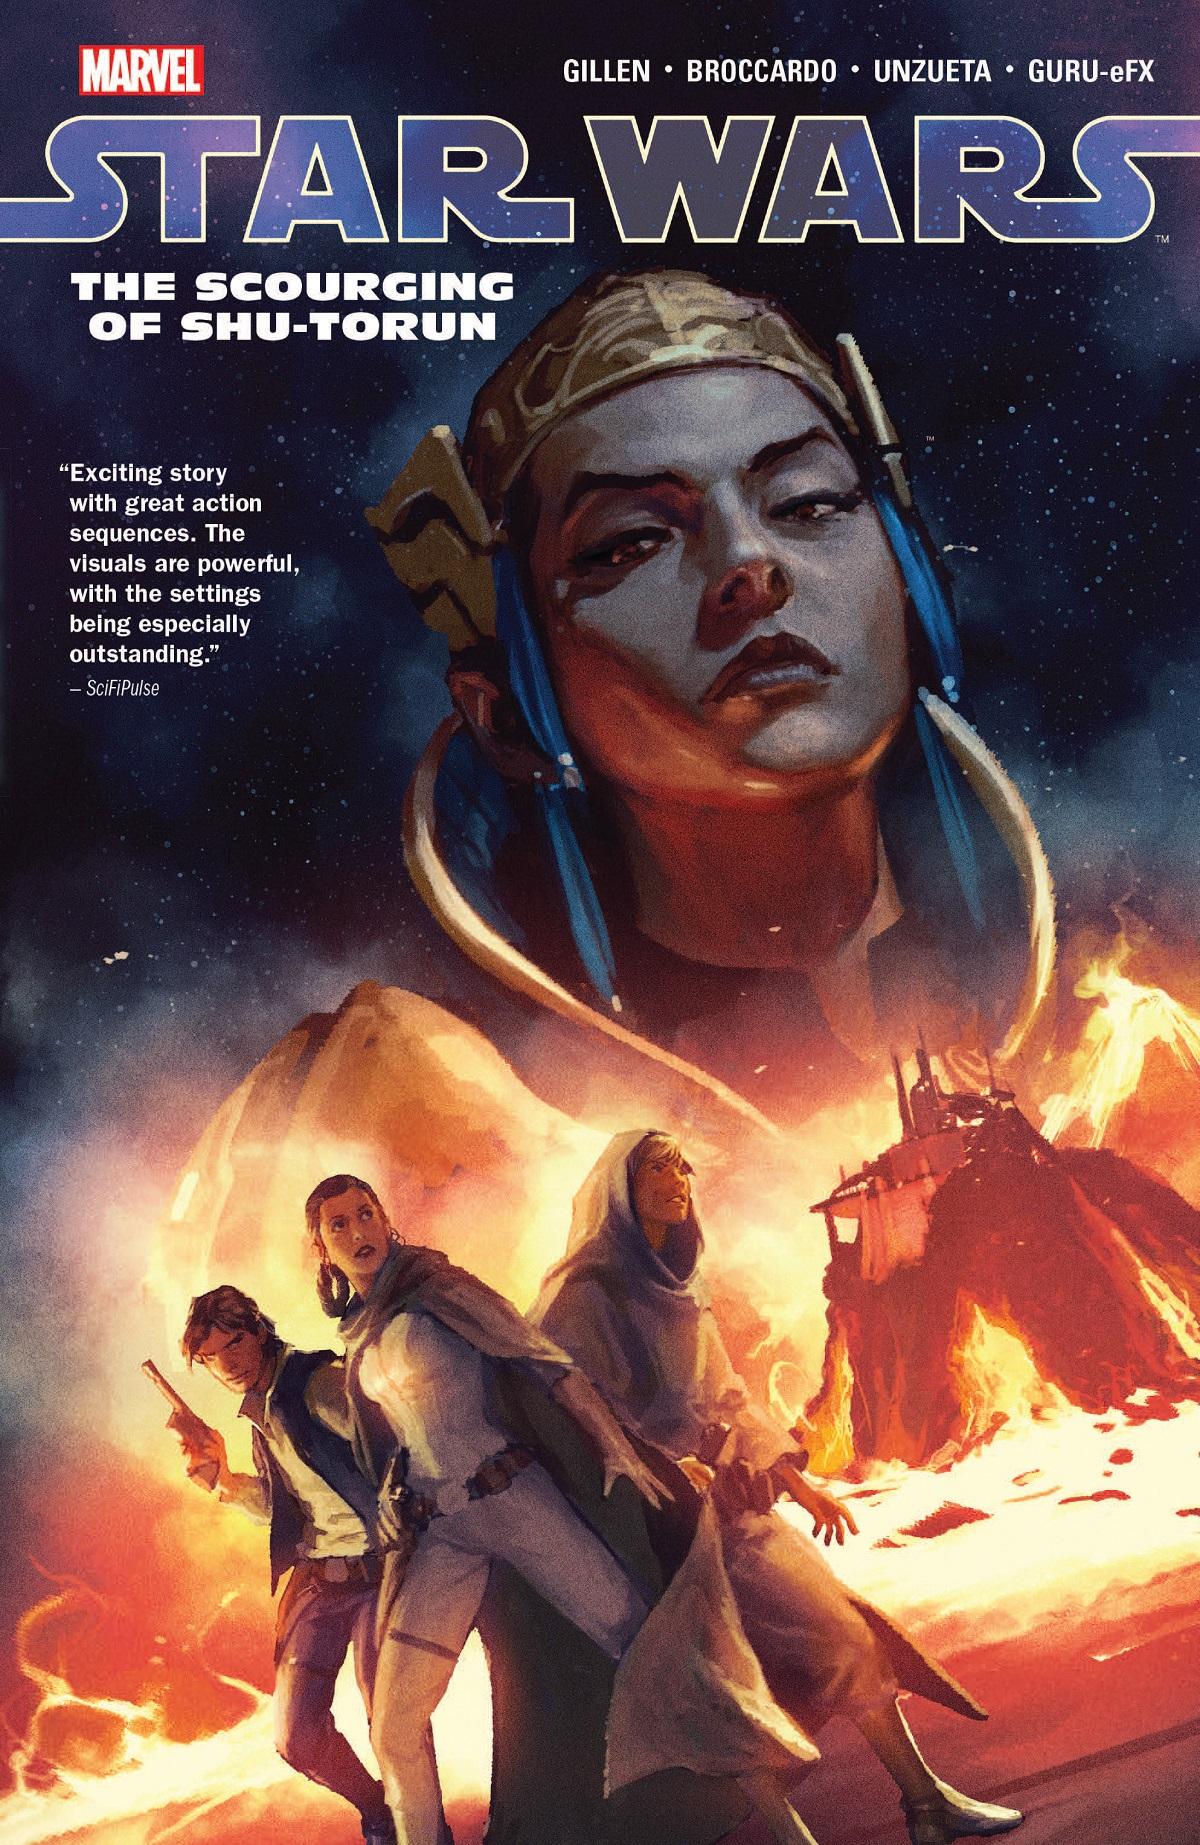 Звёздные войны: Выпуск 11 — Кара Шу-Торуна